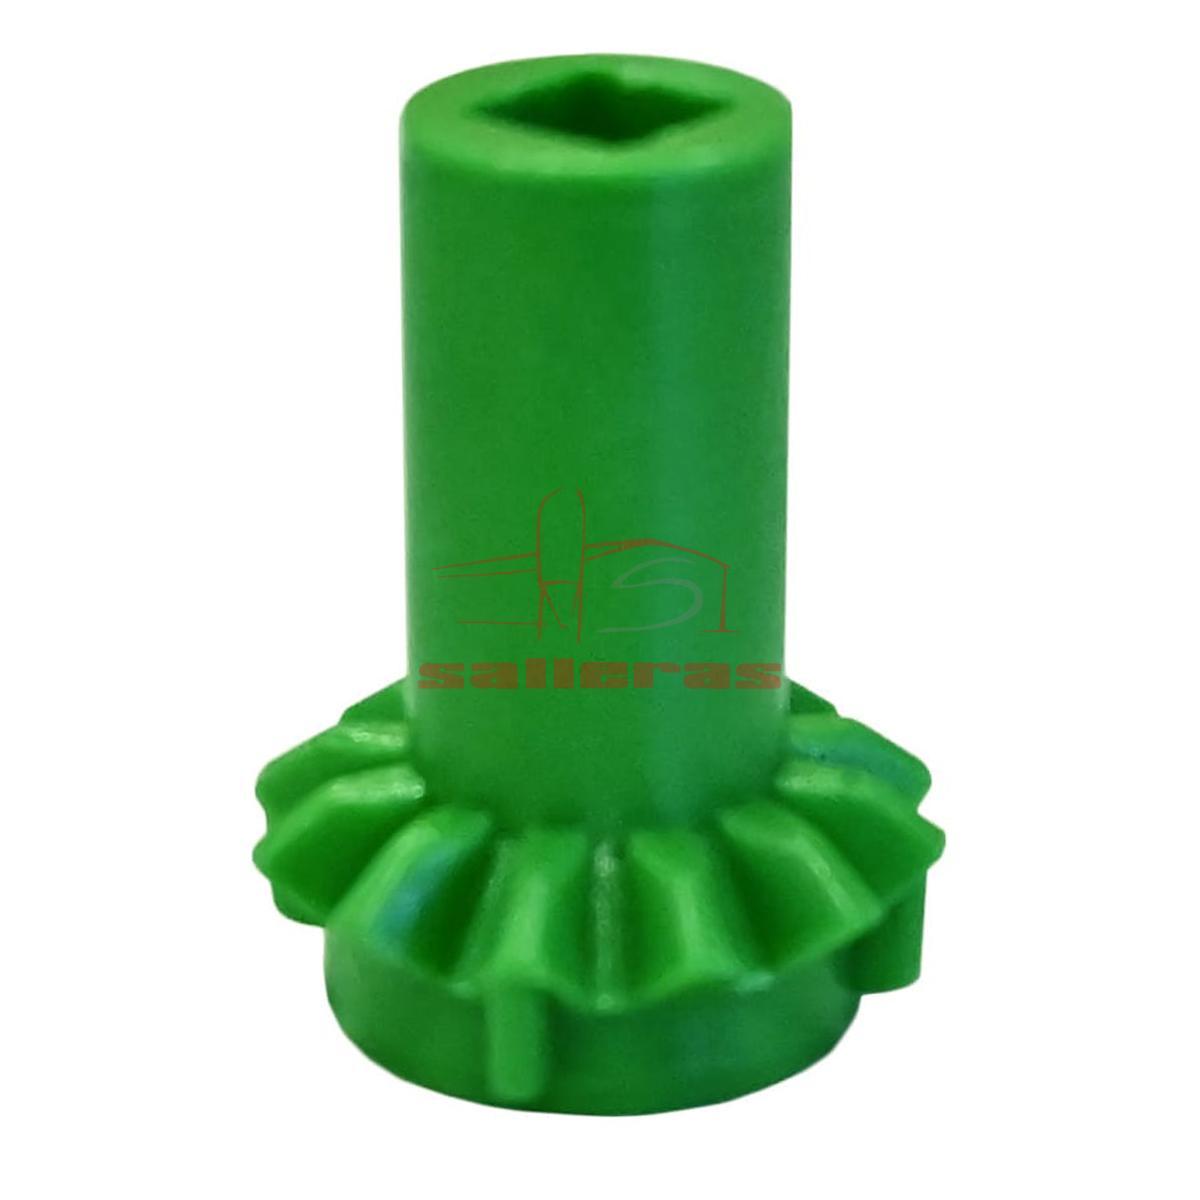 Dos engranajes verdes verticales clutch